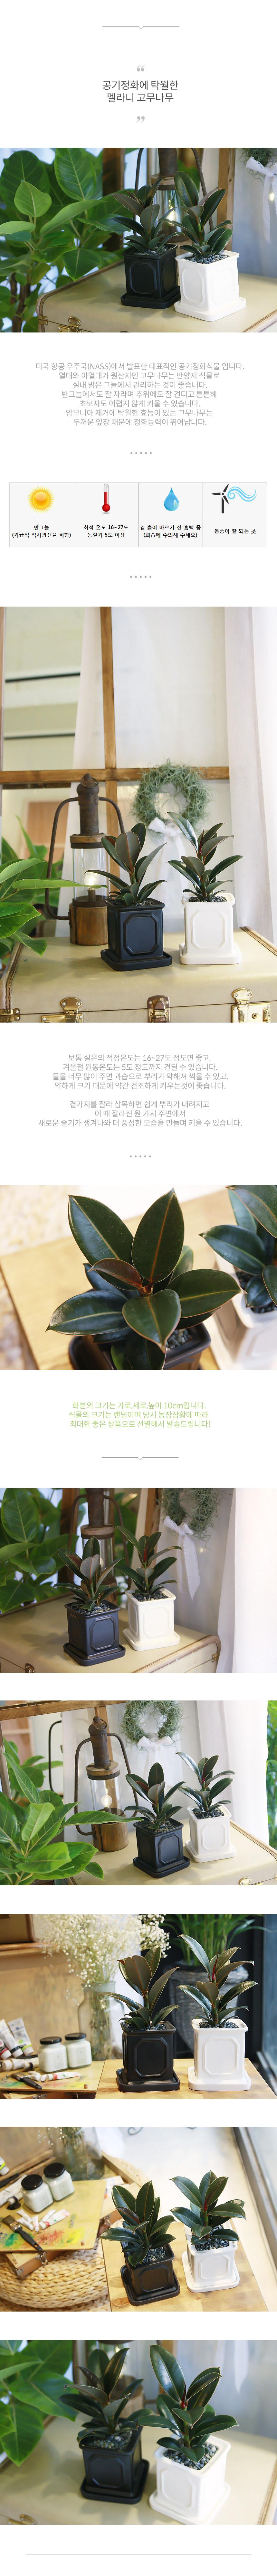 몰딩 화분 뱅갈고무나무 공기정화식물 - 나인플랜트, 17,900원, 플라워(생화), 화분세트